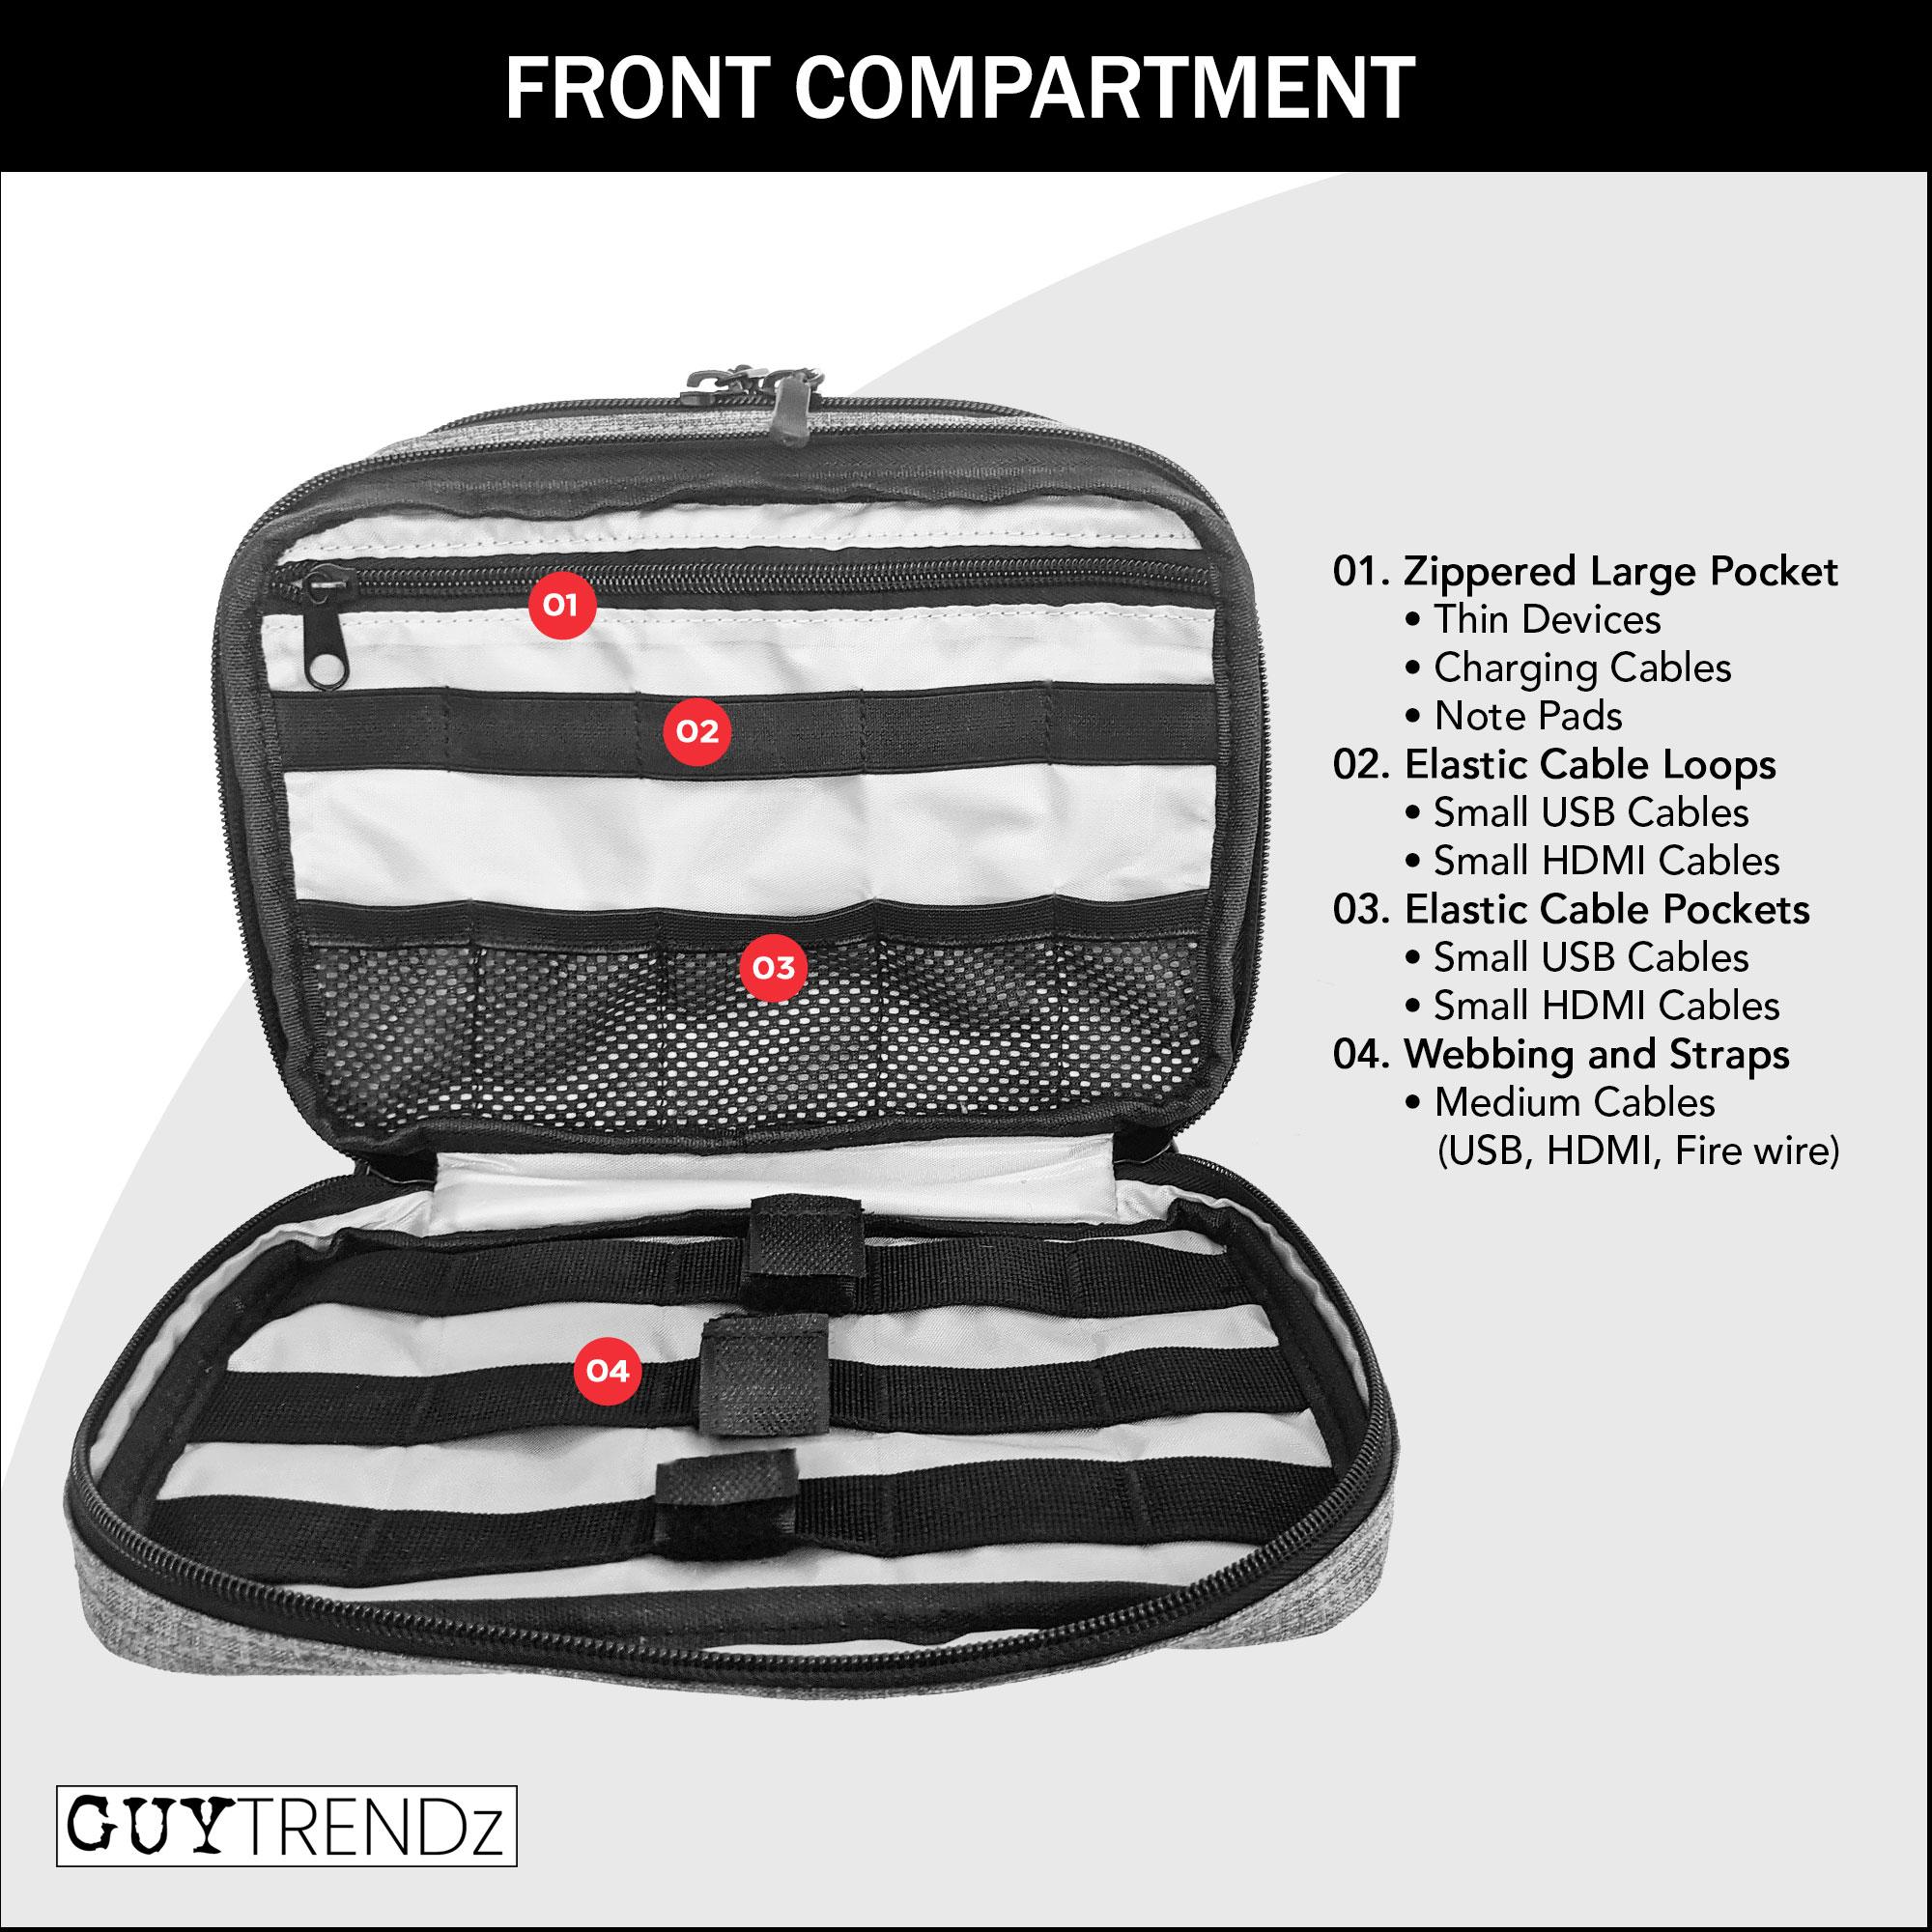 21 09 17 16 40 14 original b09fygb86s electronics bag compartment2